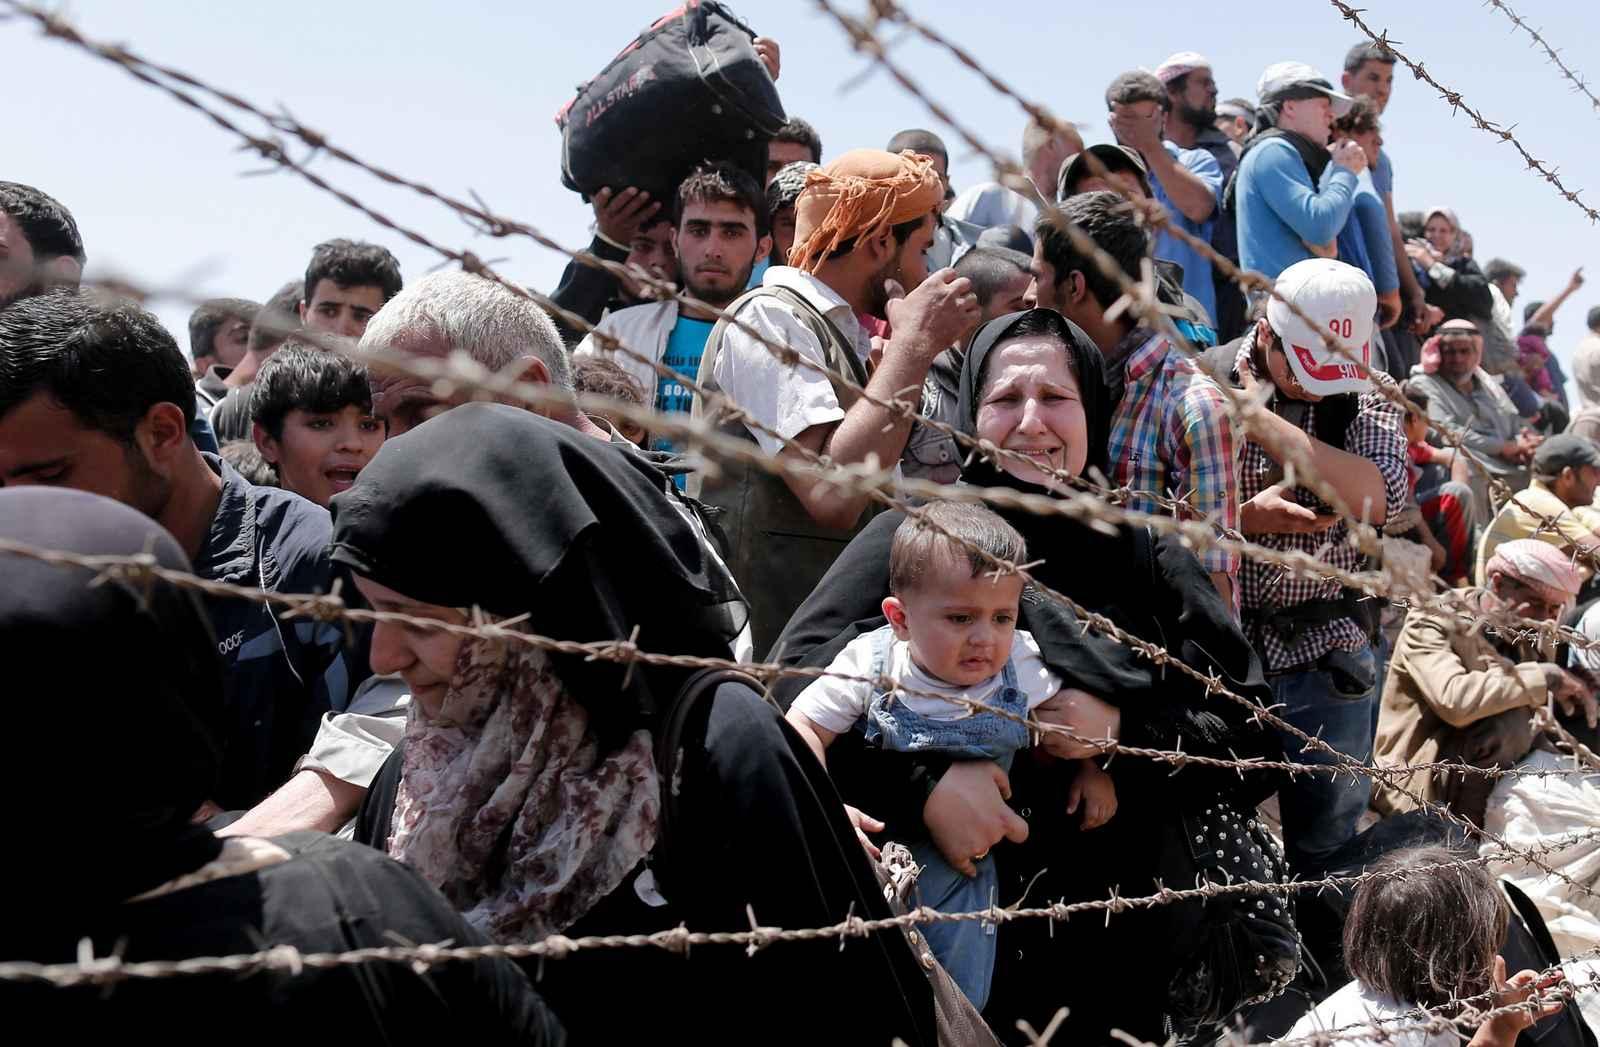 SYRIAN REFUGEES USA